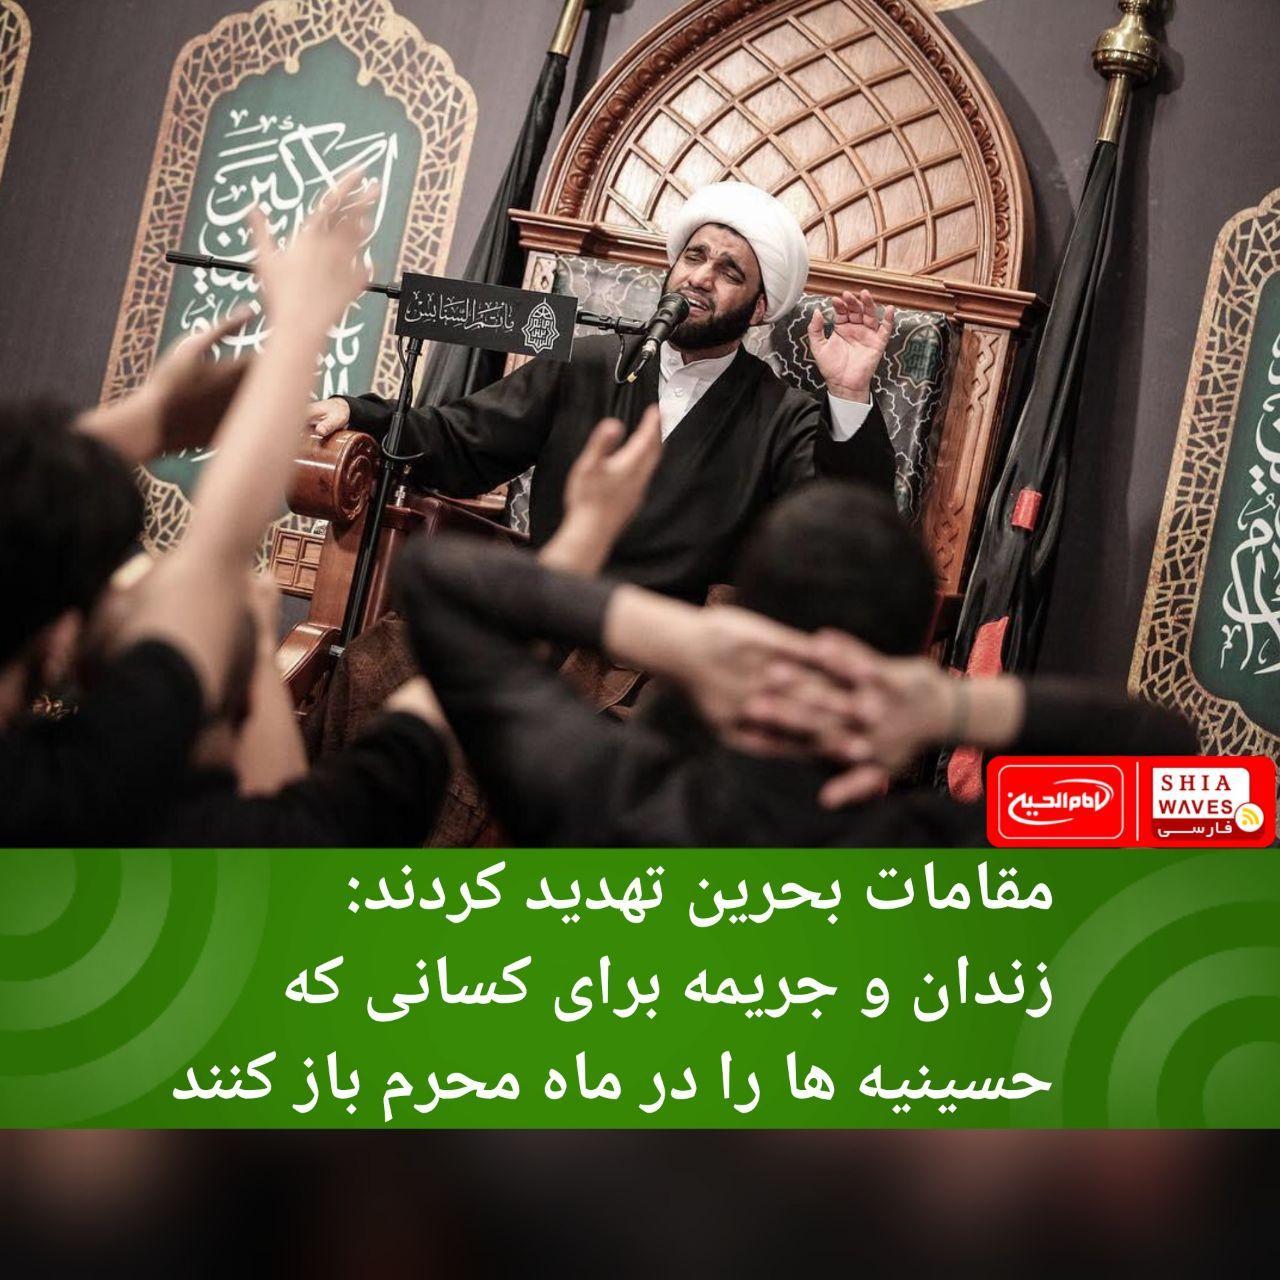 تصویر مقامات بحرین تهدید کردند: زندان و جریمه برای کسانی که حسینیه ها را در ماه محرم باز کنند